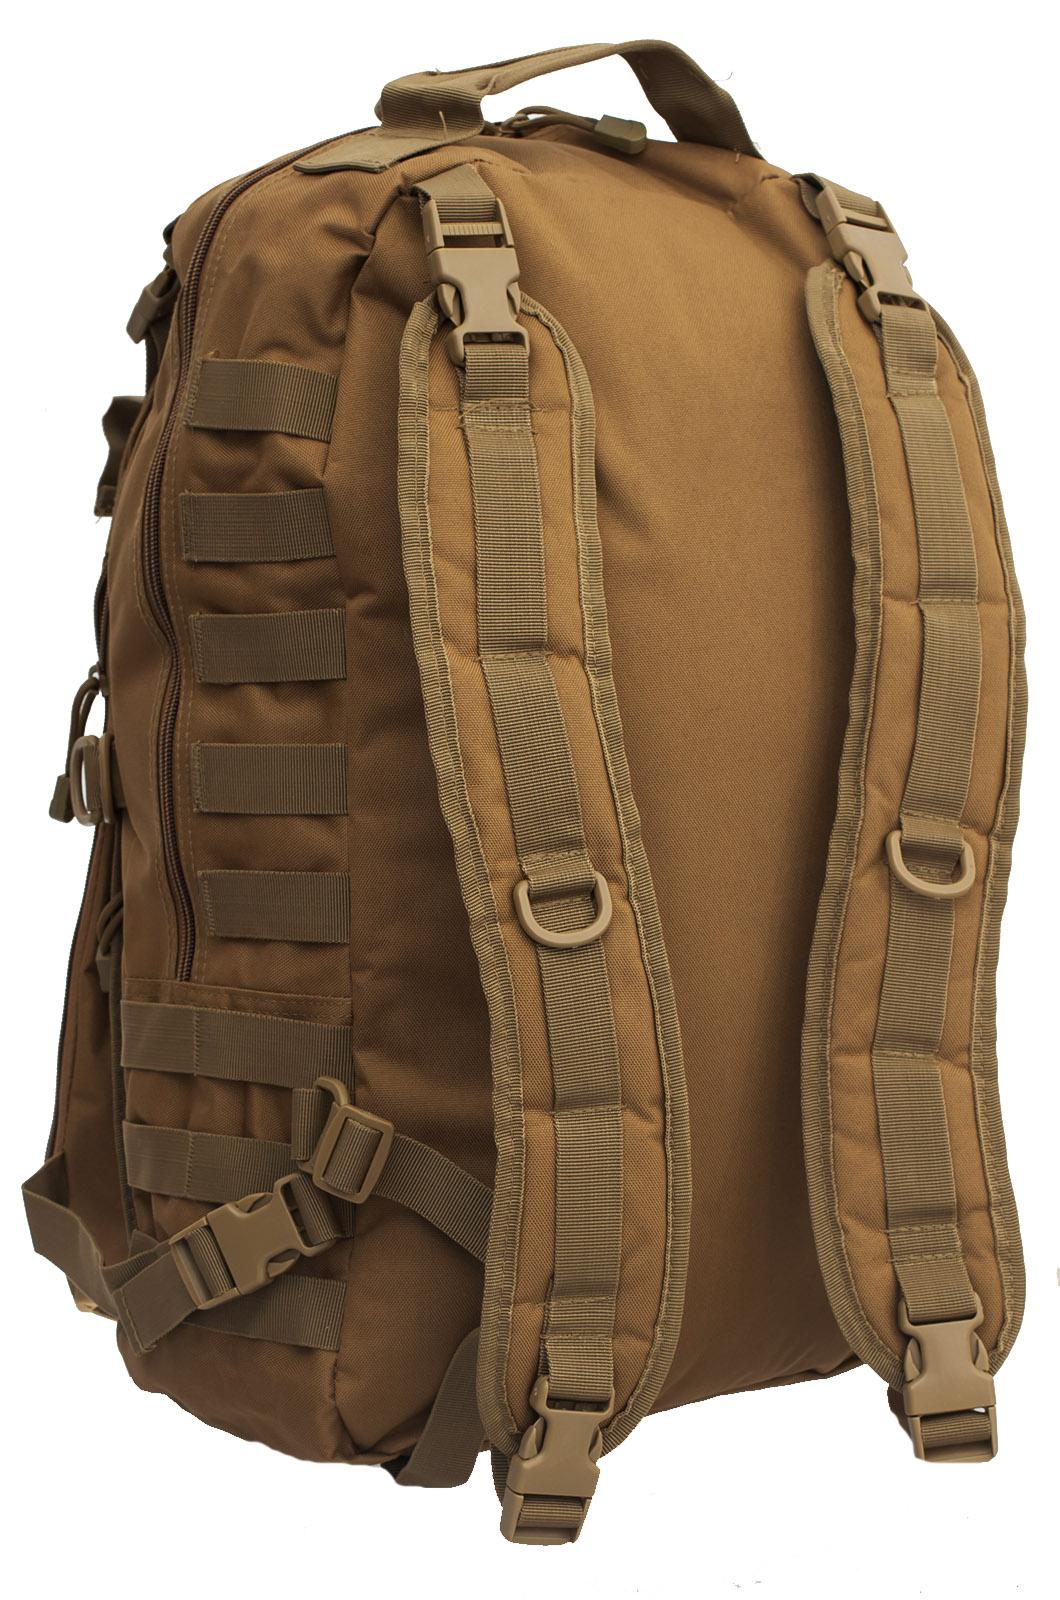 Рейдовый рюкзак хаки-песочный по выгодной цене